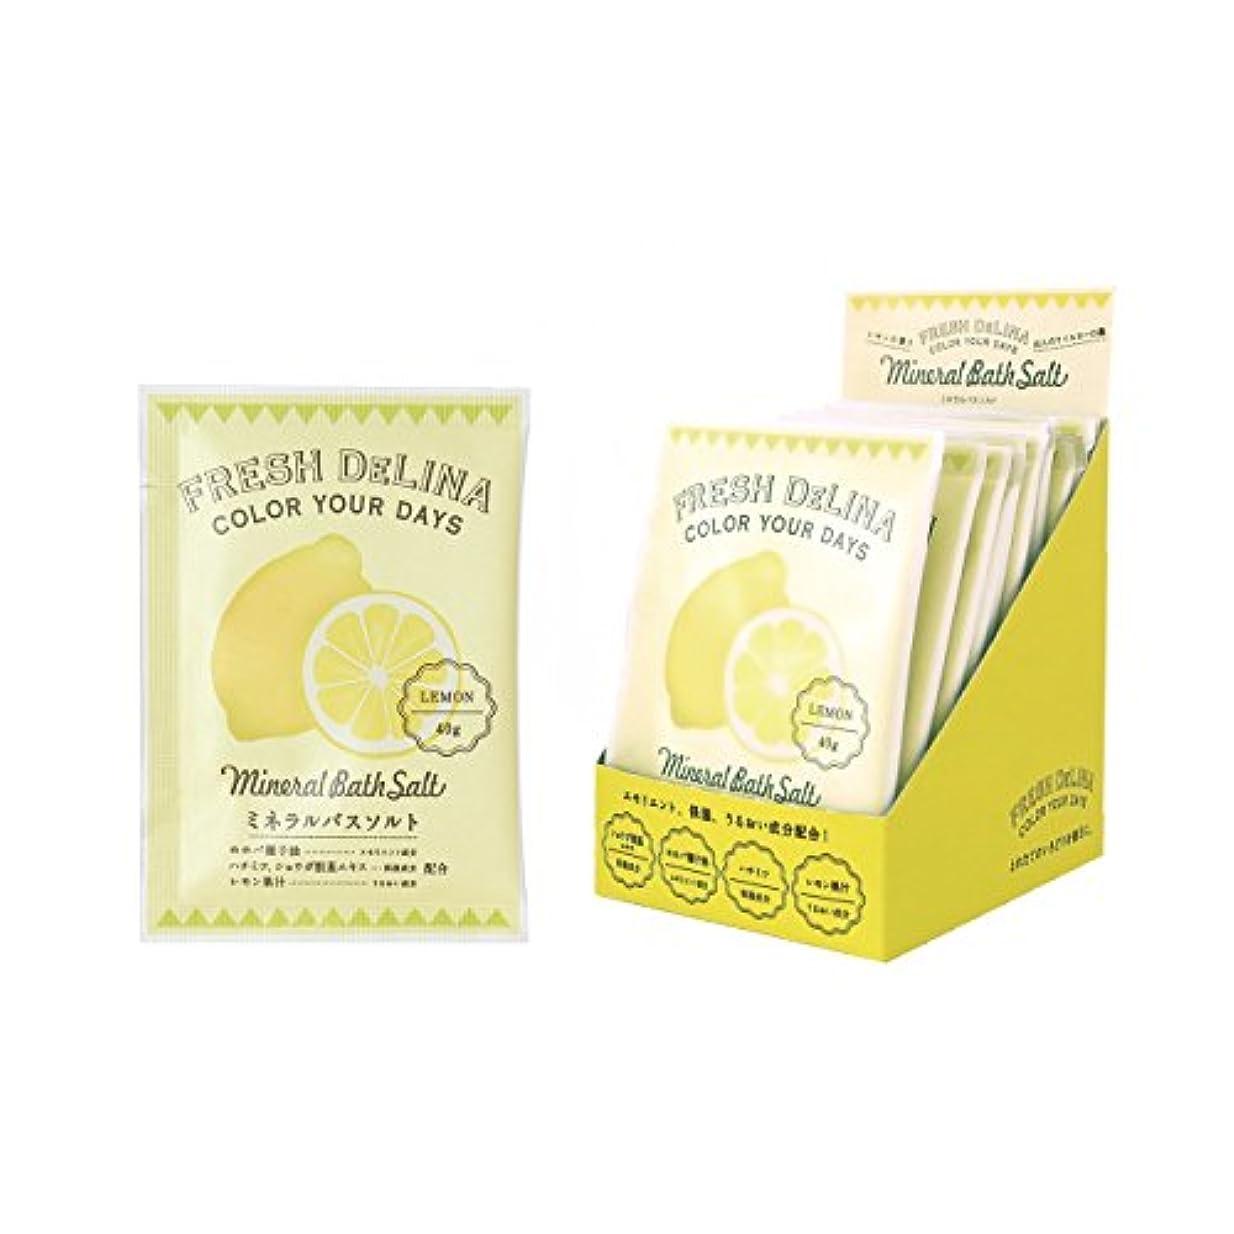 パークフレア古風なフレッシュデリーナ ミネラルバスソルト40g(レモン) 12個 (海塩タイプ入浴料 日本製 どこかなつかしいフレッシュなレモンの香り)